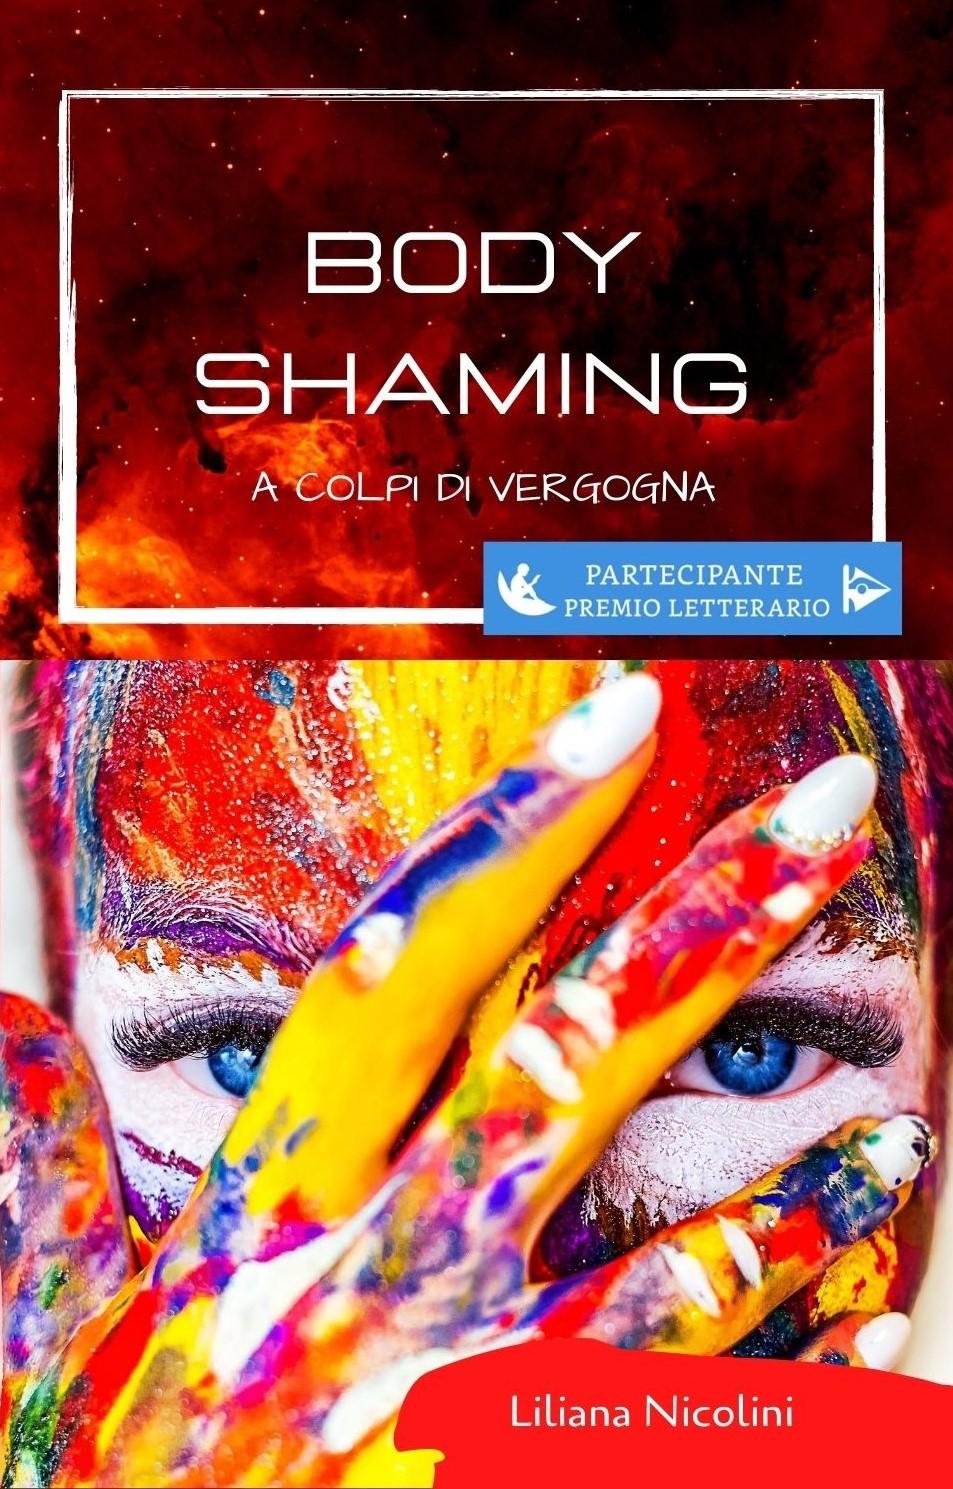 BODY SHAMING A COLPI DI VERGOGNA di Liliana Nicolini